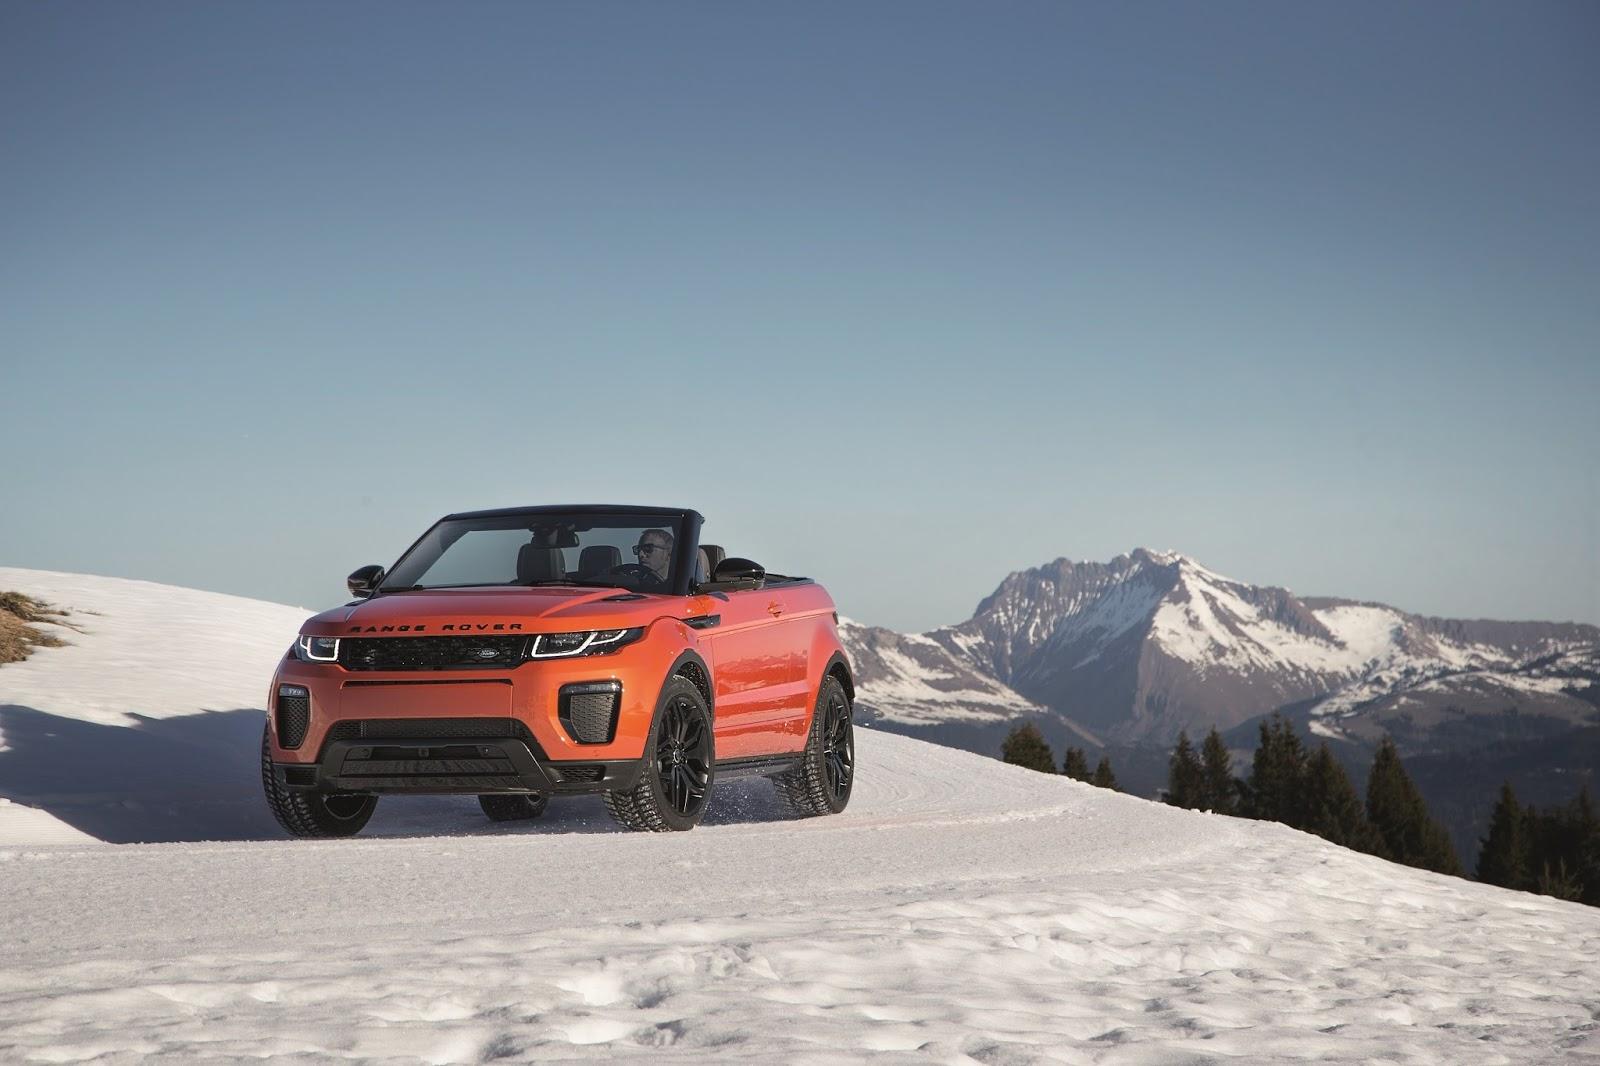 Η επανάσταση των ανοιχτών SUV ξεκίνησε με το Range Rover Evoque Cabriolet Evoque, Land Rover, Range Rover, Range Rover Evoque, Range Rover Evoque Cabriolet, SUV, videos